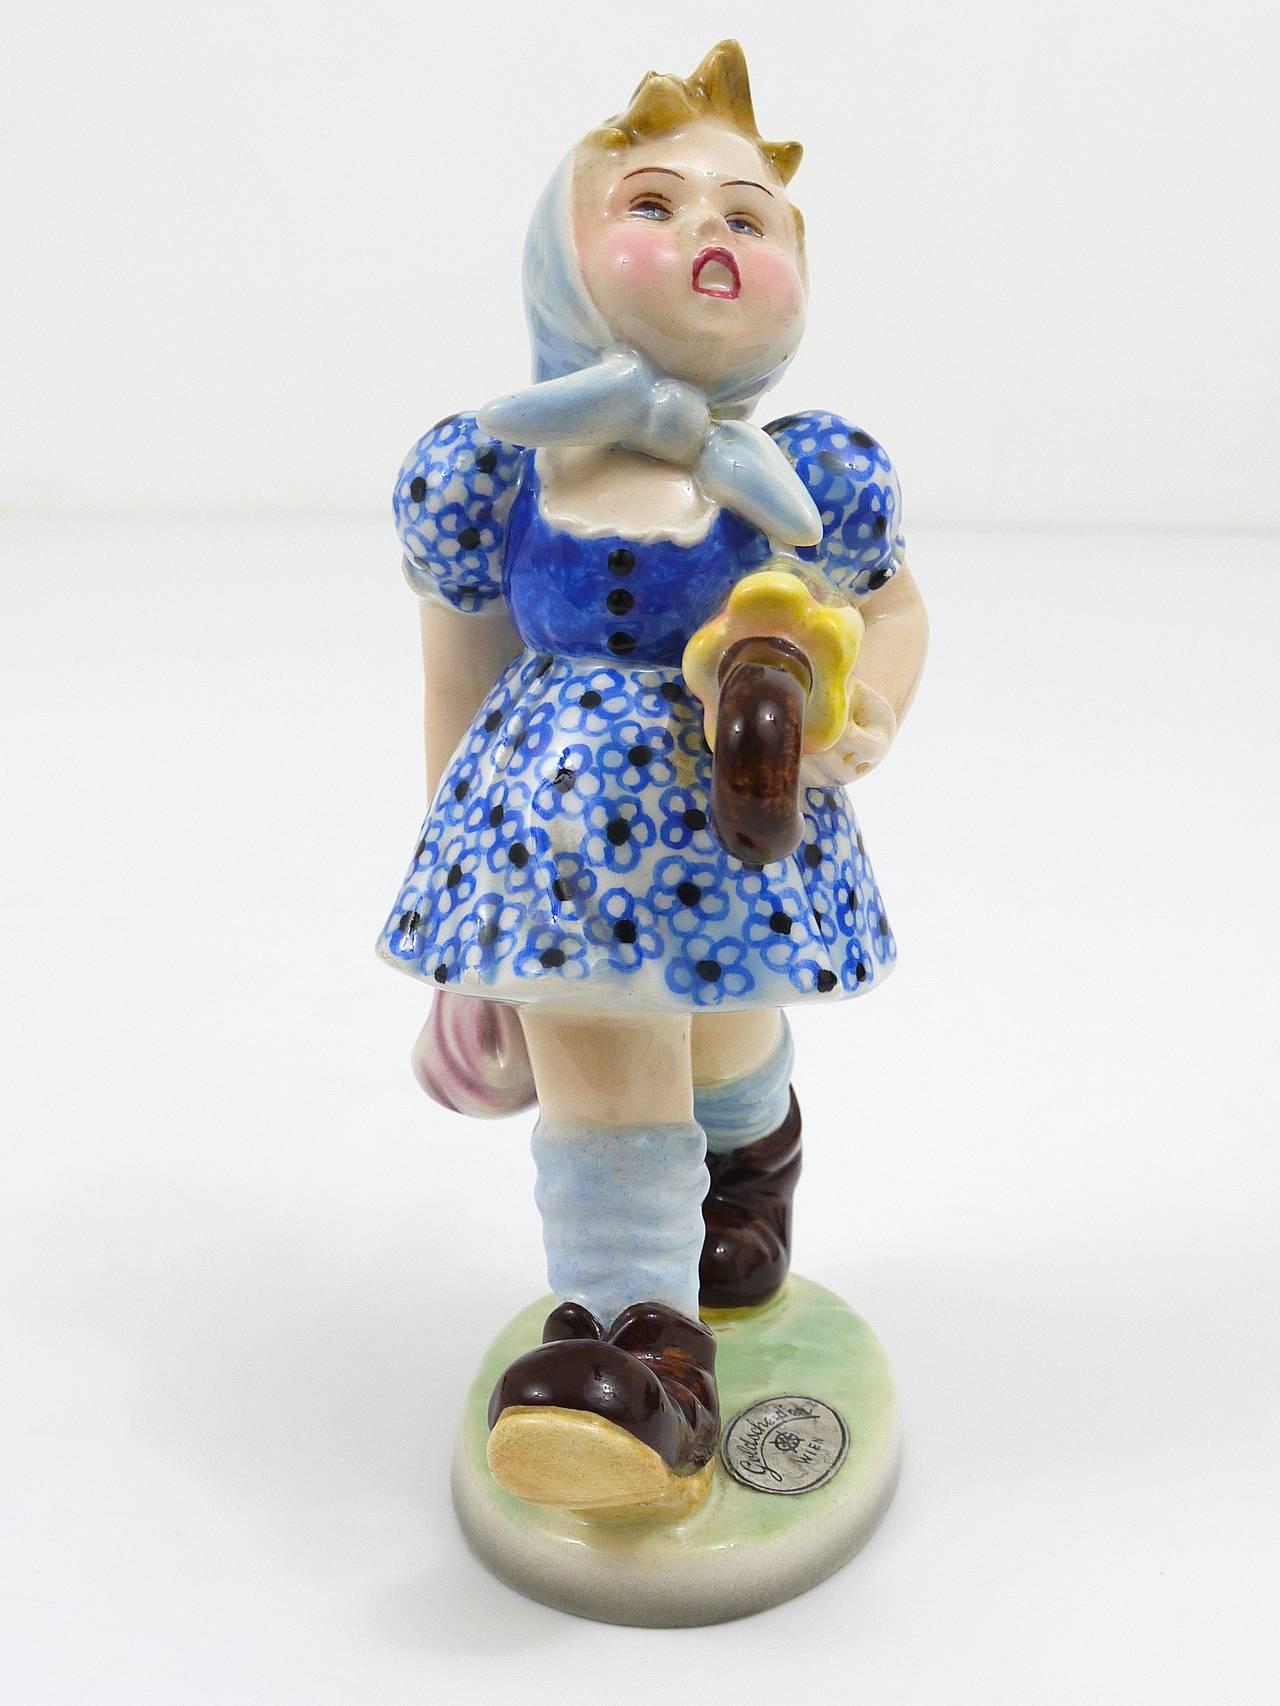 Goldscheider Vienna Figurine Girl with Umbrella, Austria, 1930s For Sale 3